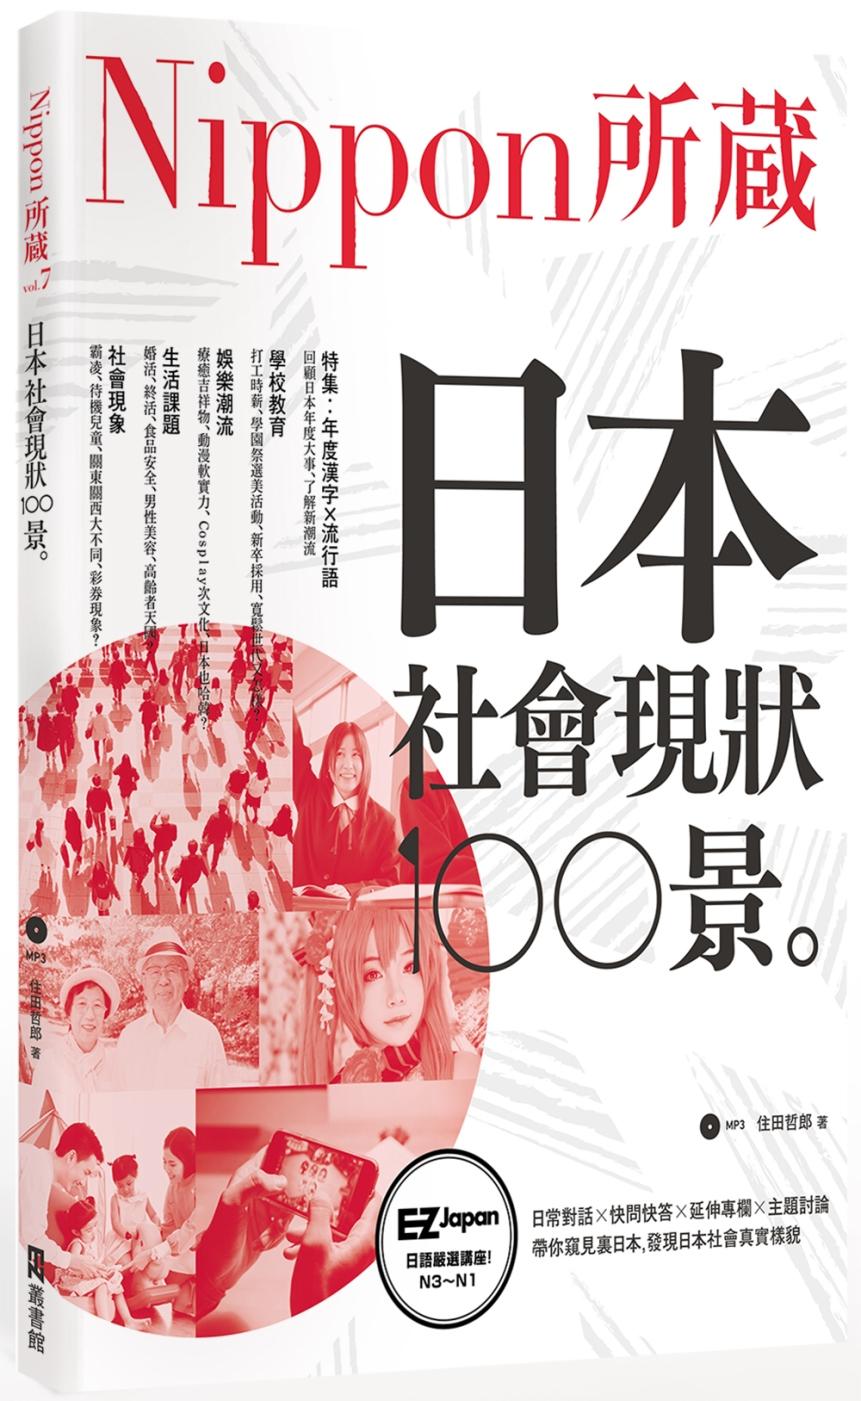 ◤博客來BOOKS◢ 暢銷書榜《推薦》日本社會現狀100景:Nippon所藏日語嚴選講座(1書1MP3)